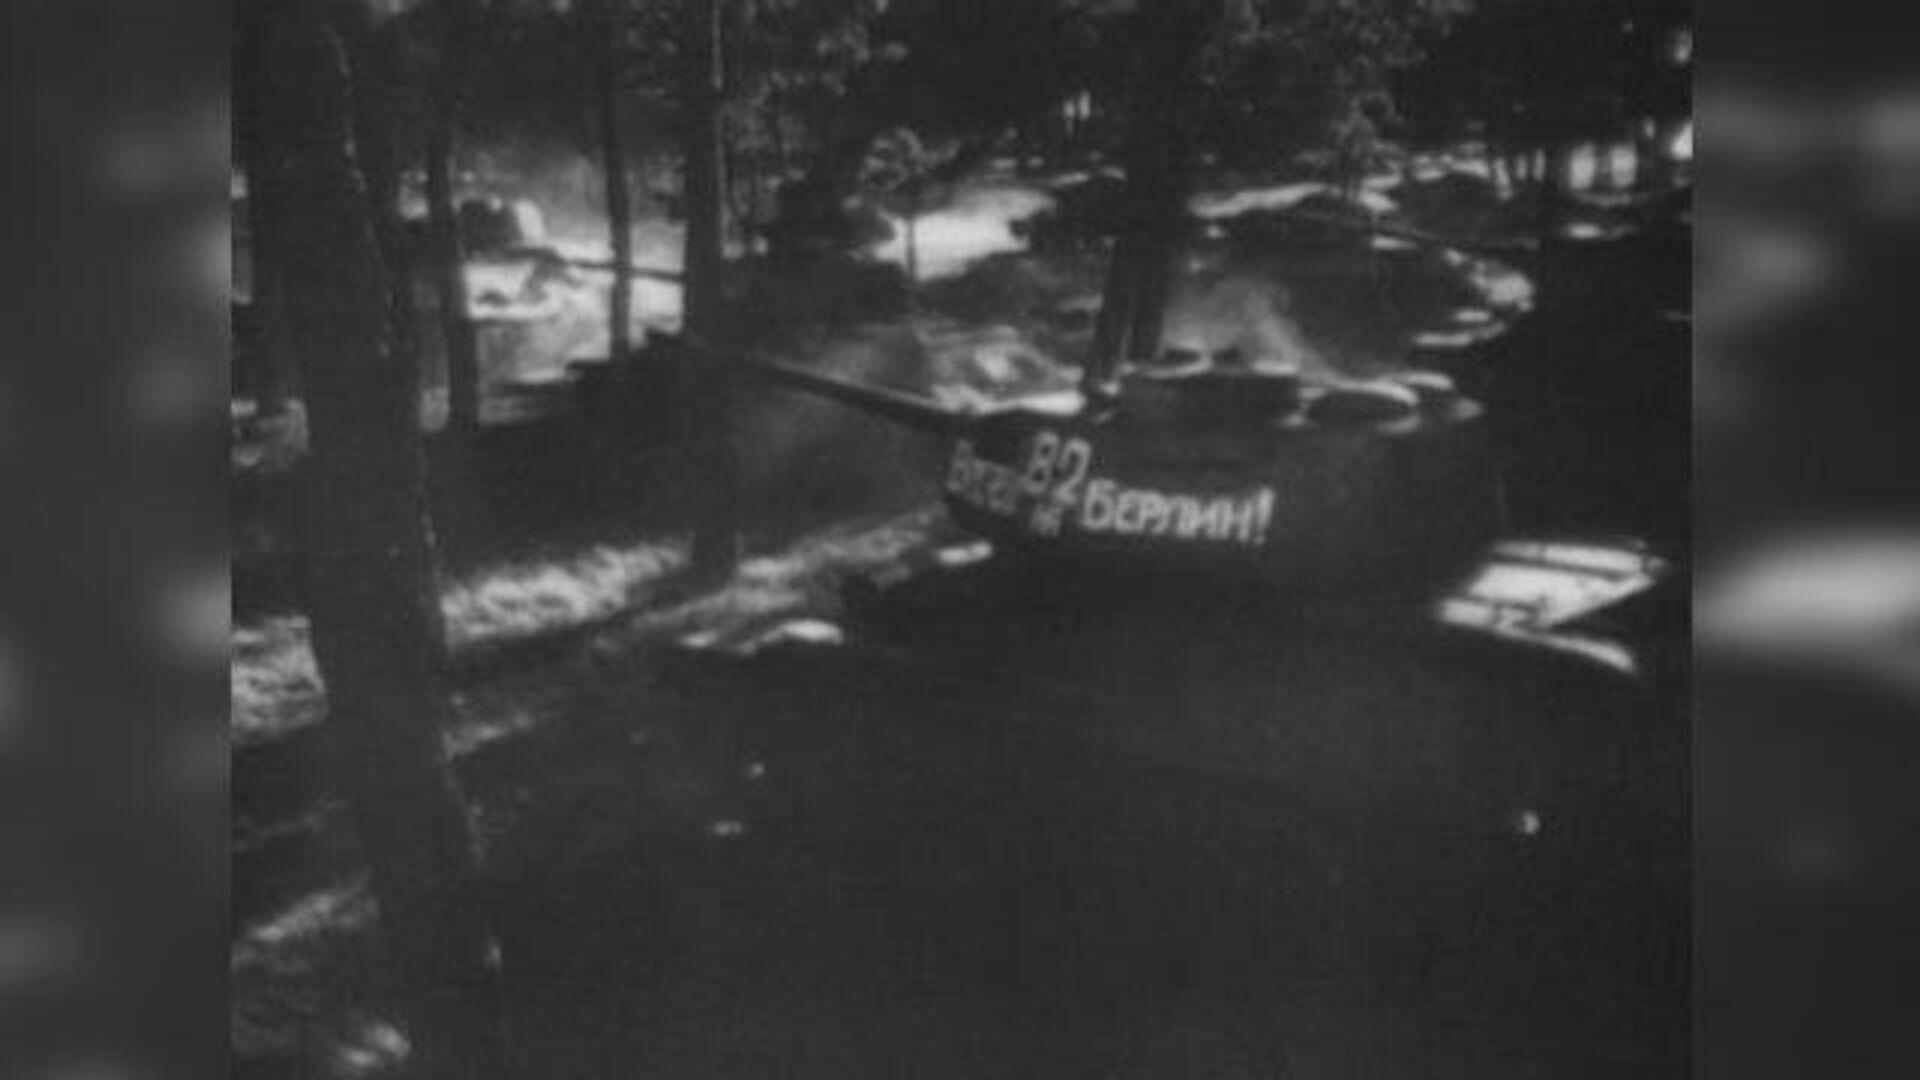 На Берлин! 75 лет заключительной наступательной операции ВОВ - РИА Новости, 1920, 16.04.2020